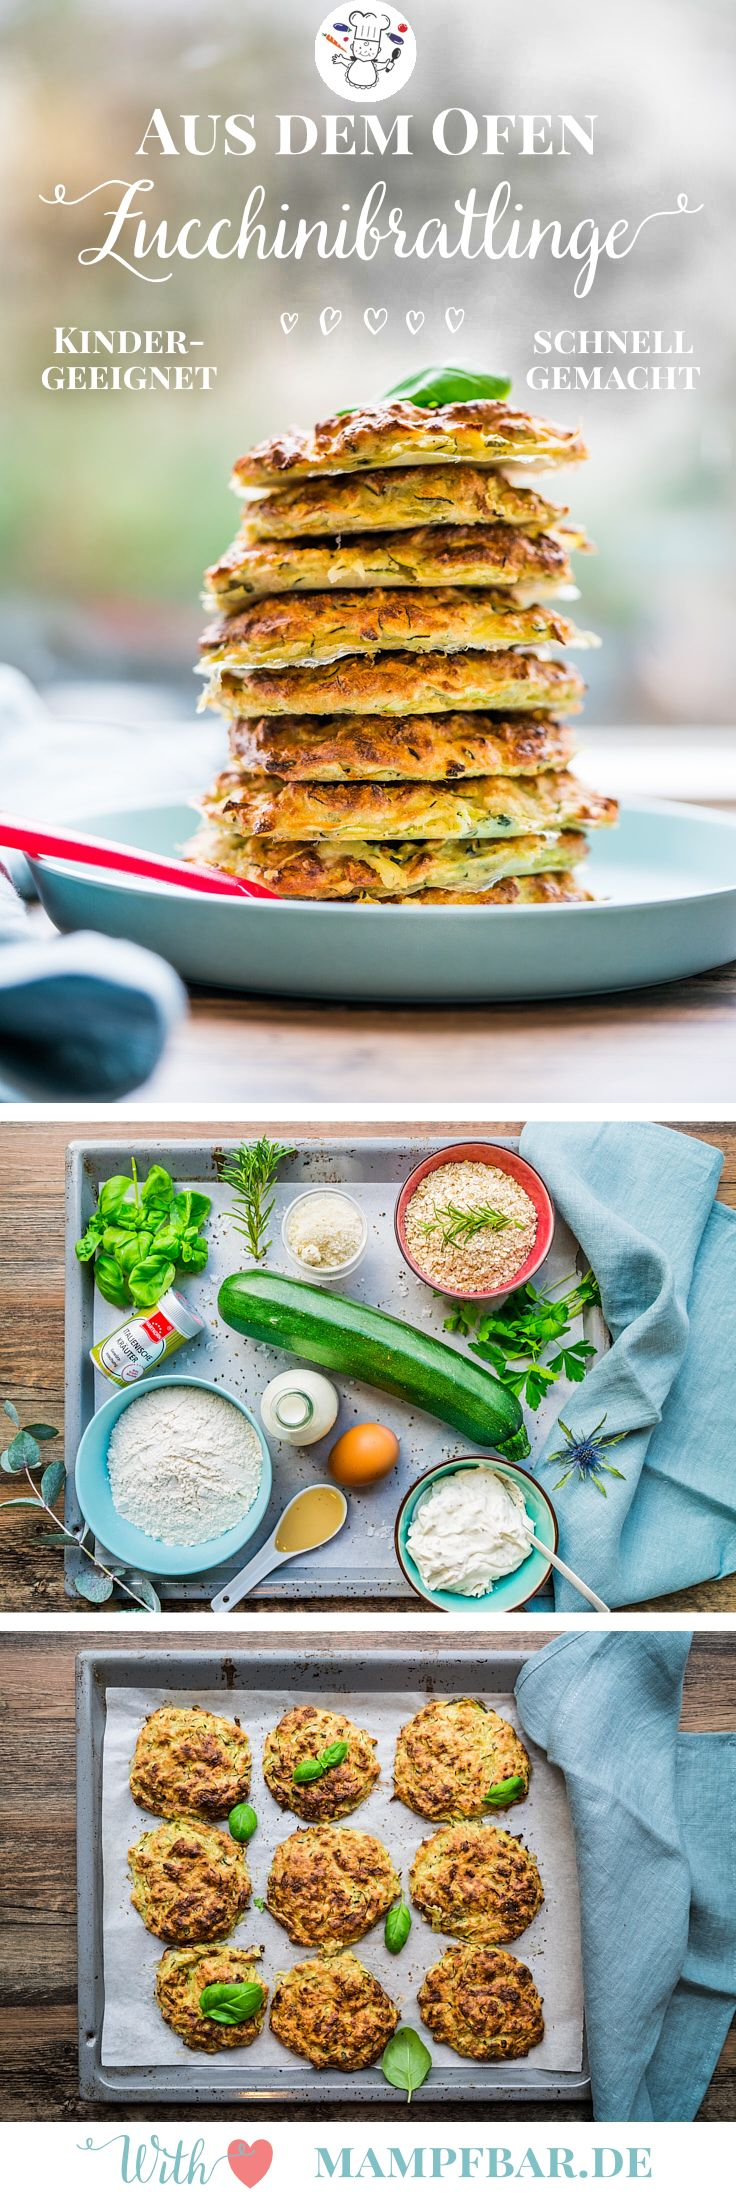 Wir finden die Zucchini Bratlinge sind ein klasse Familienessen - super schnell gemacht und noch ein bisschen Gemüse mit rein geschmuggelt ;-). Für mehr leckere Kinderrezepte, besucht uns doch mal auf mampfbar.de